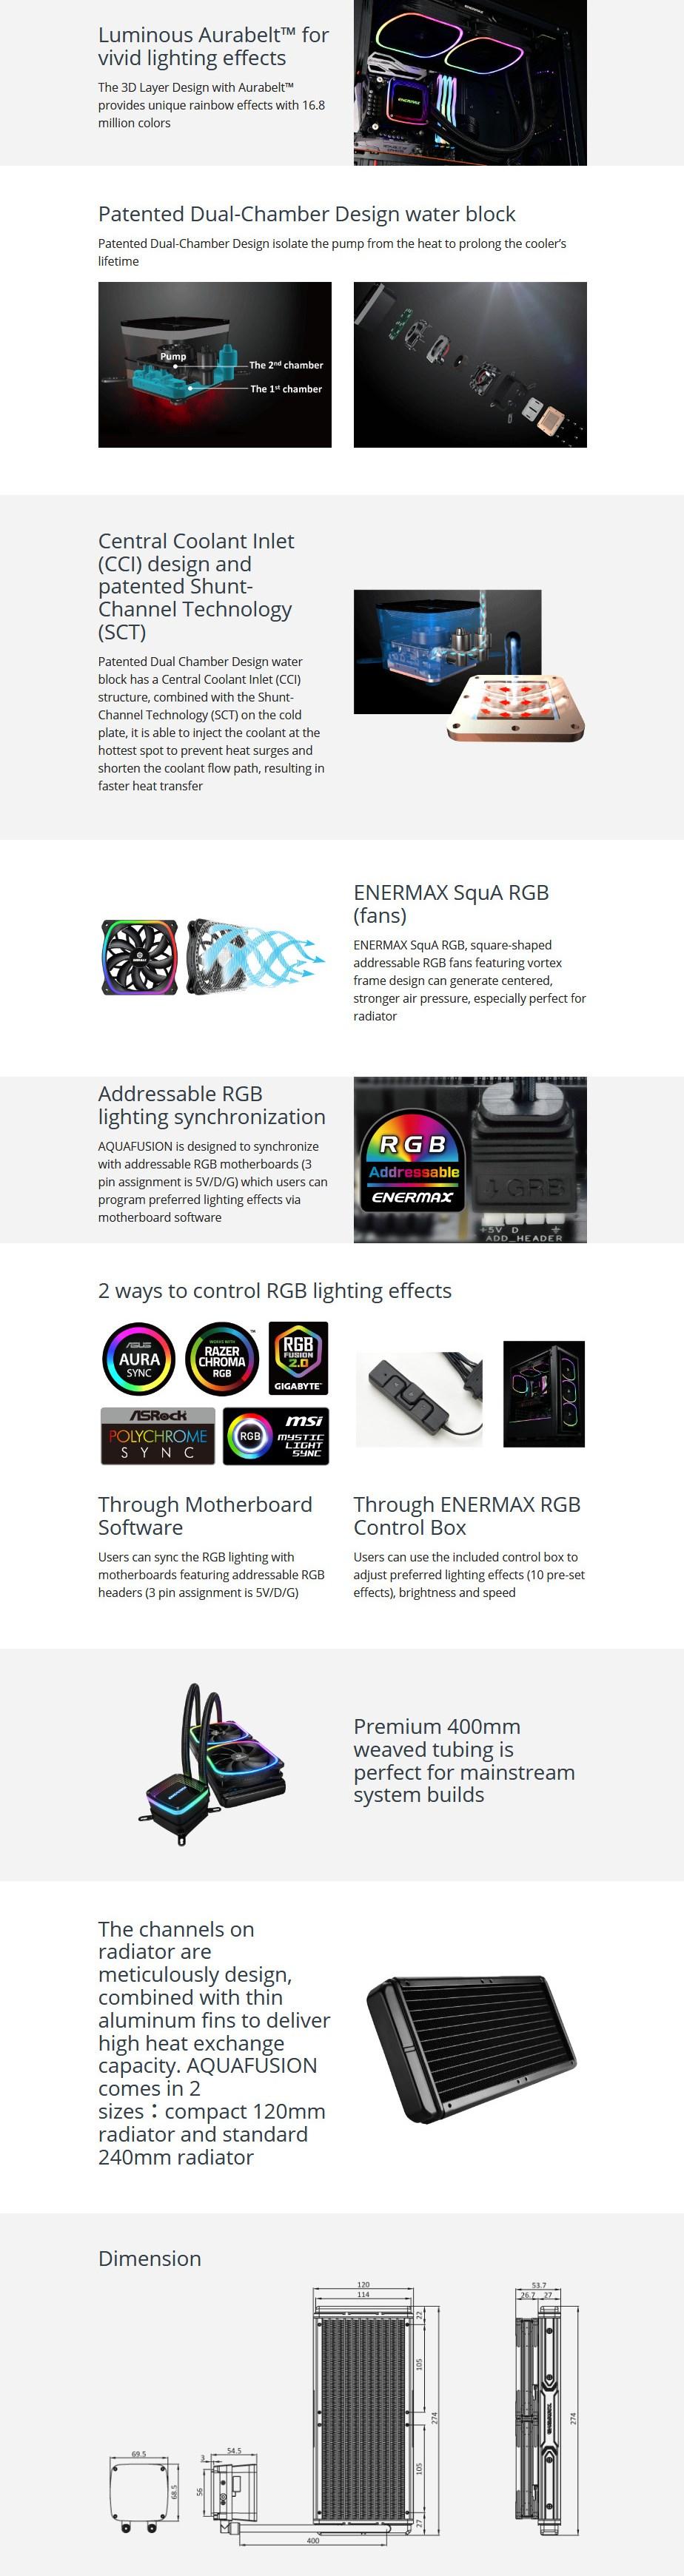 Enermax AQUAFUSION 240 RGB Liquid CPU Cooler - Overview 1